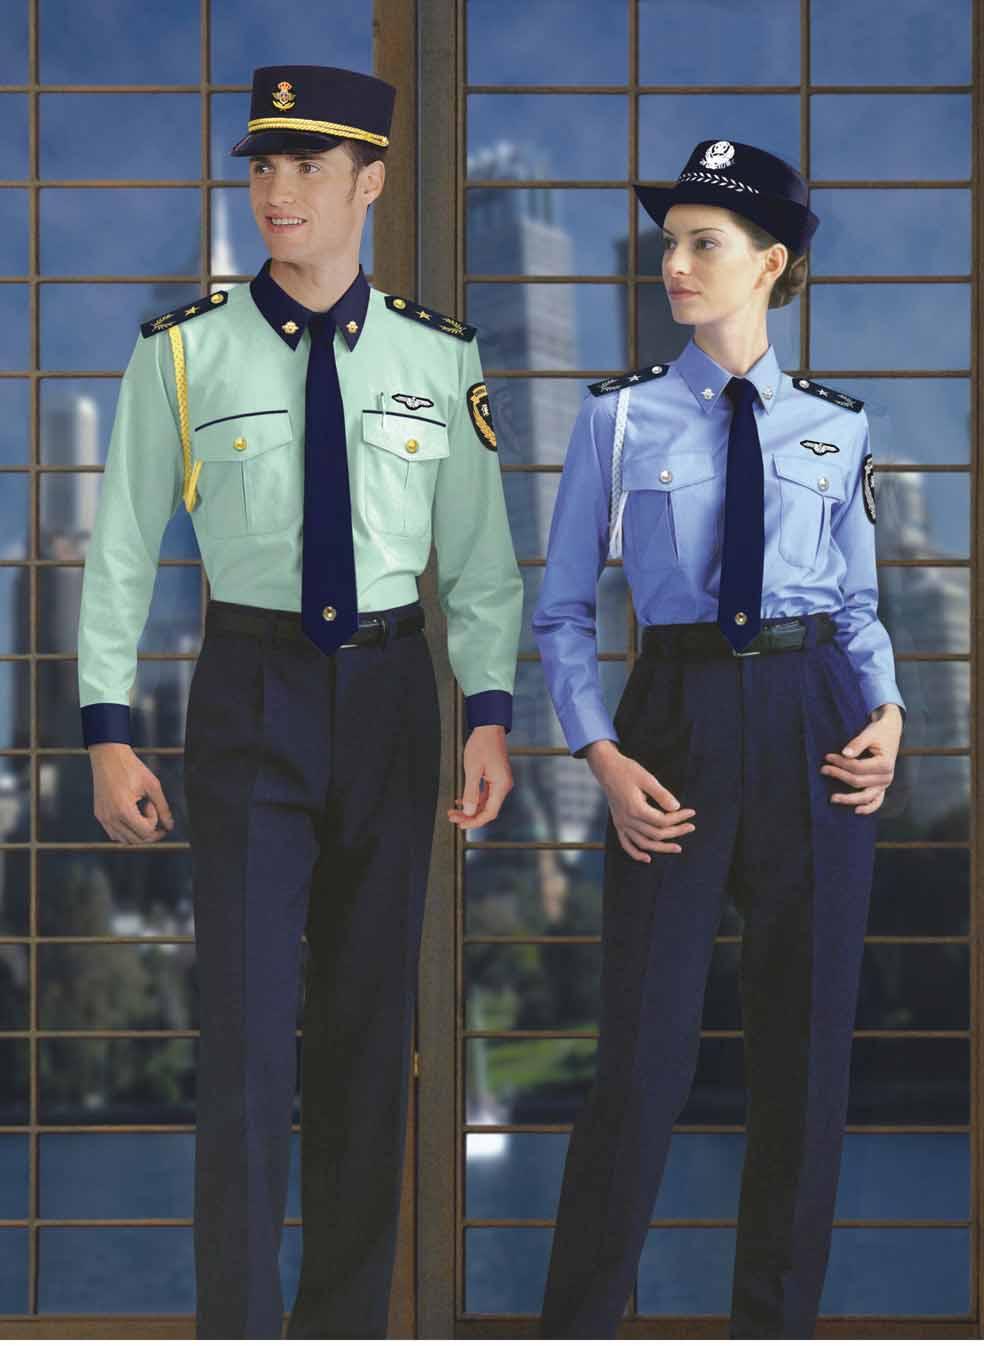 专业保安服订制